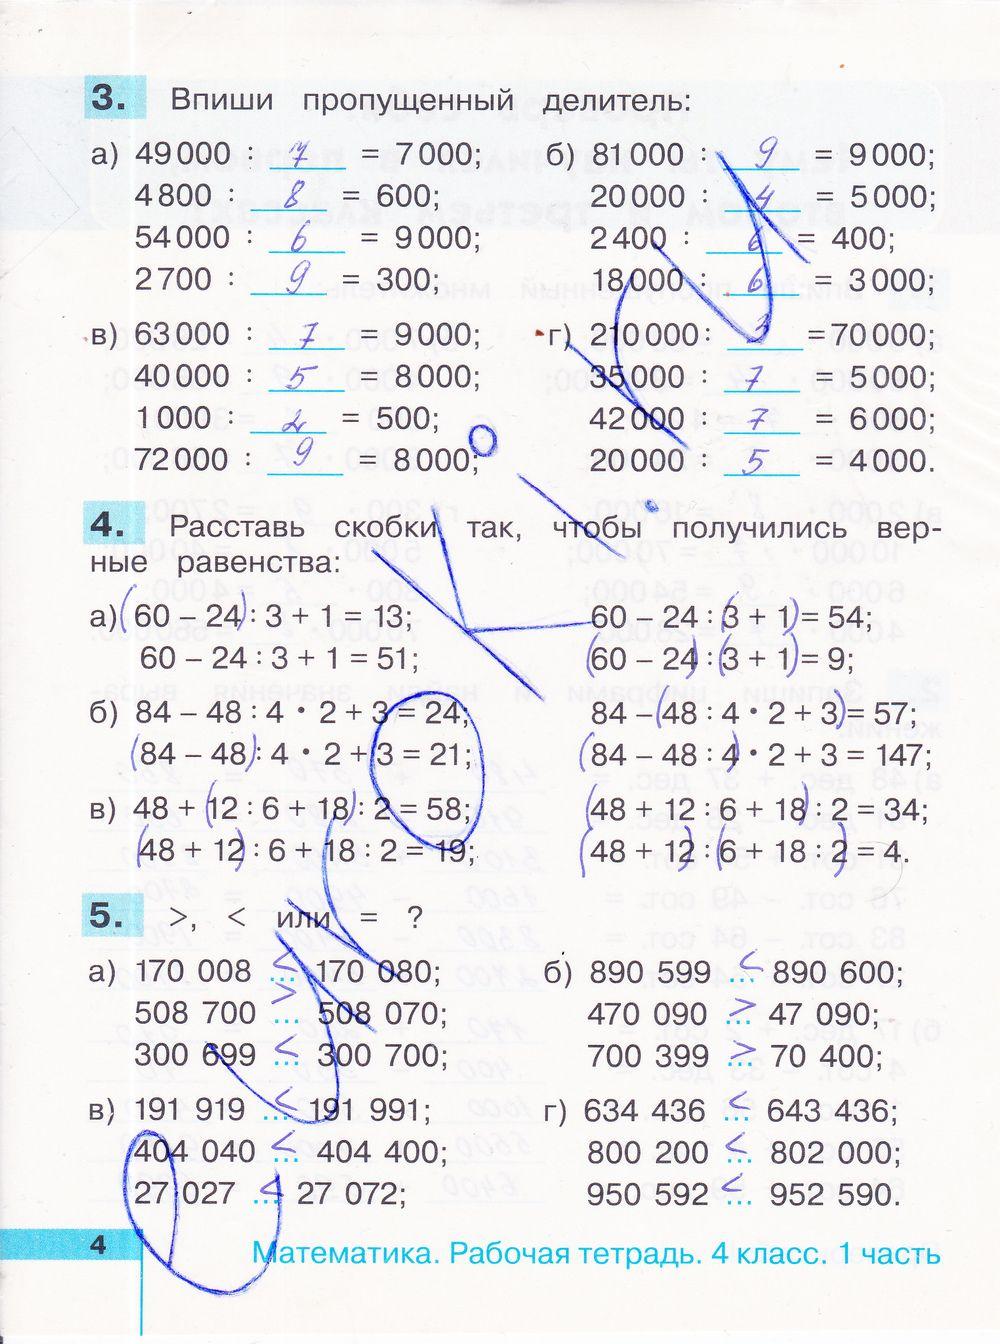 Домашняя работа по математике 4 класс истомина тетрадь